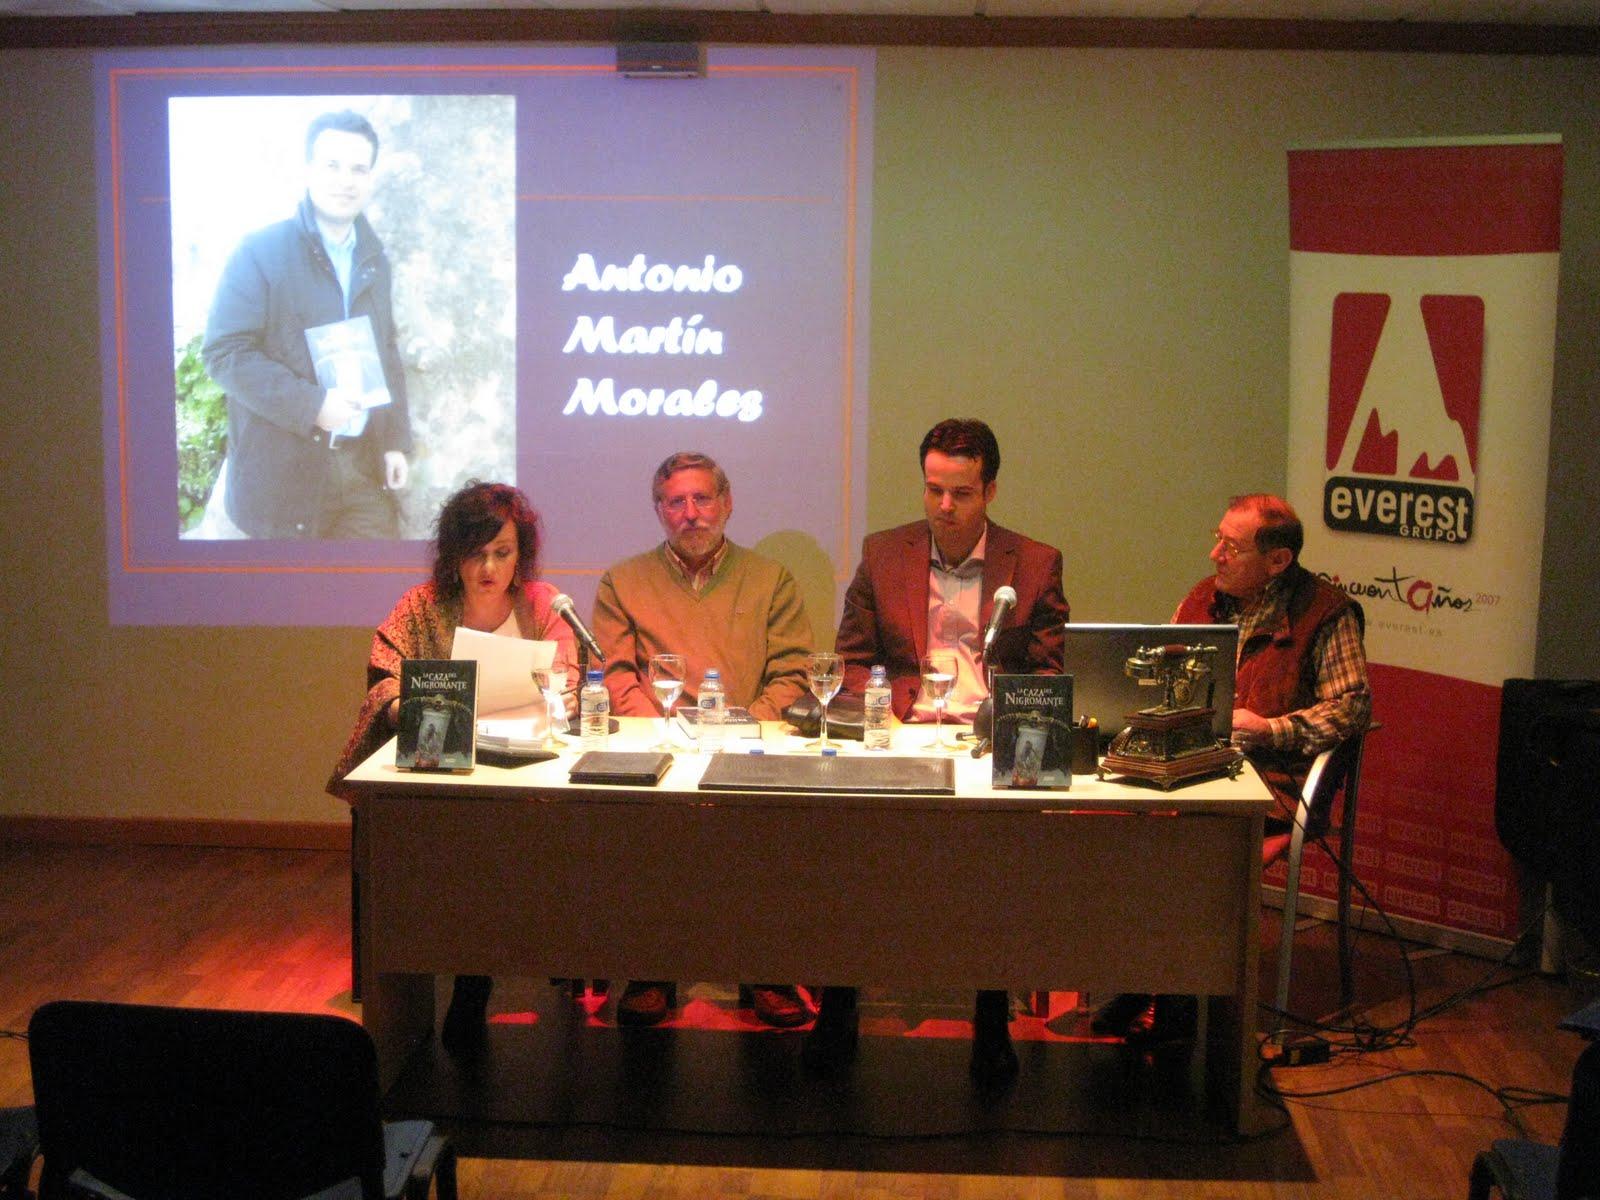 Librer a nueva gala antonio mart n morales presenta en sc - Antonio martin morales ...